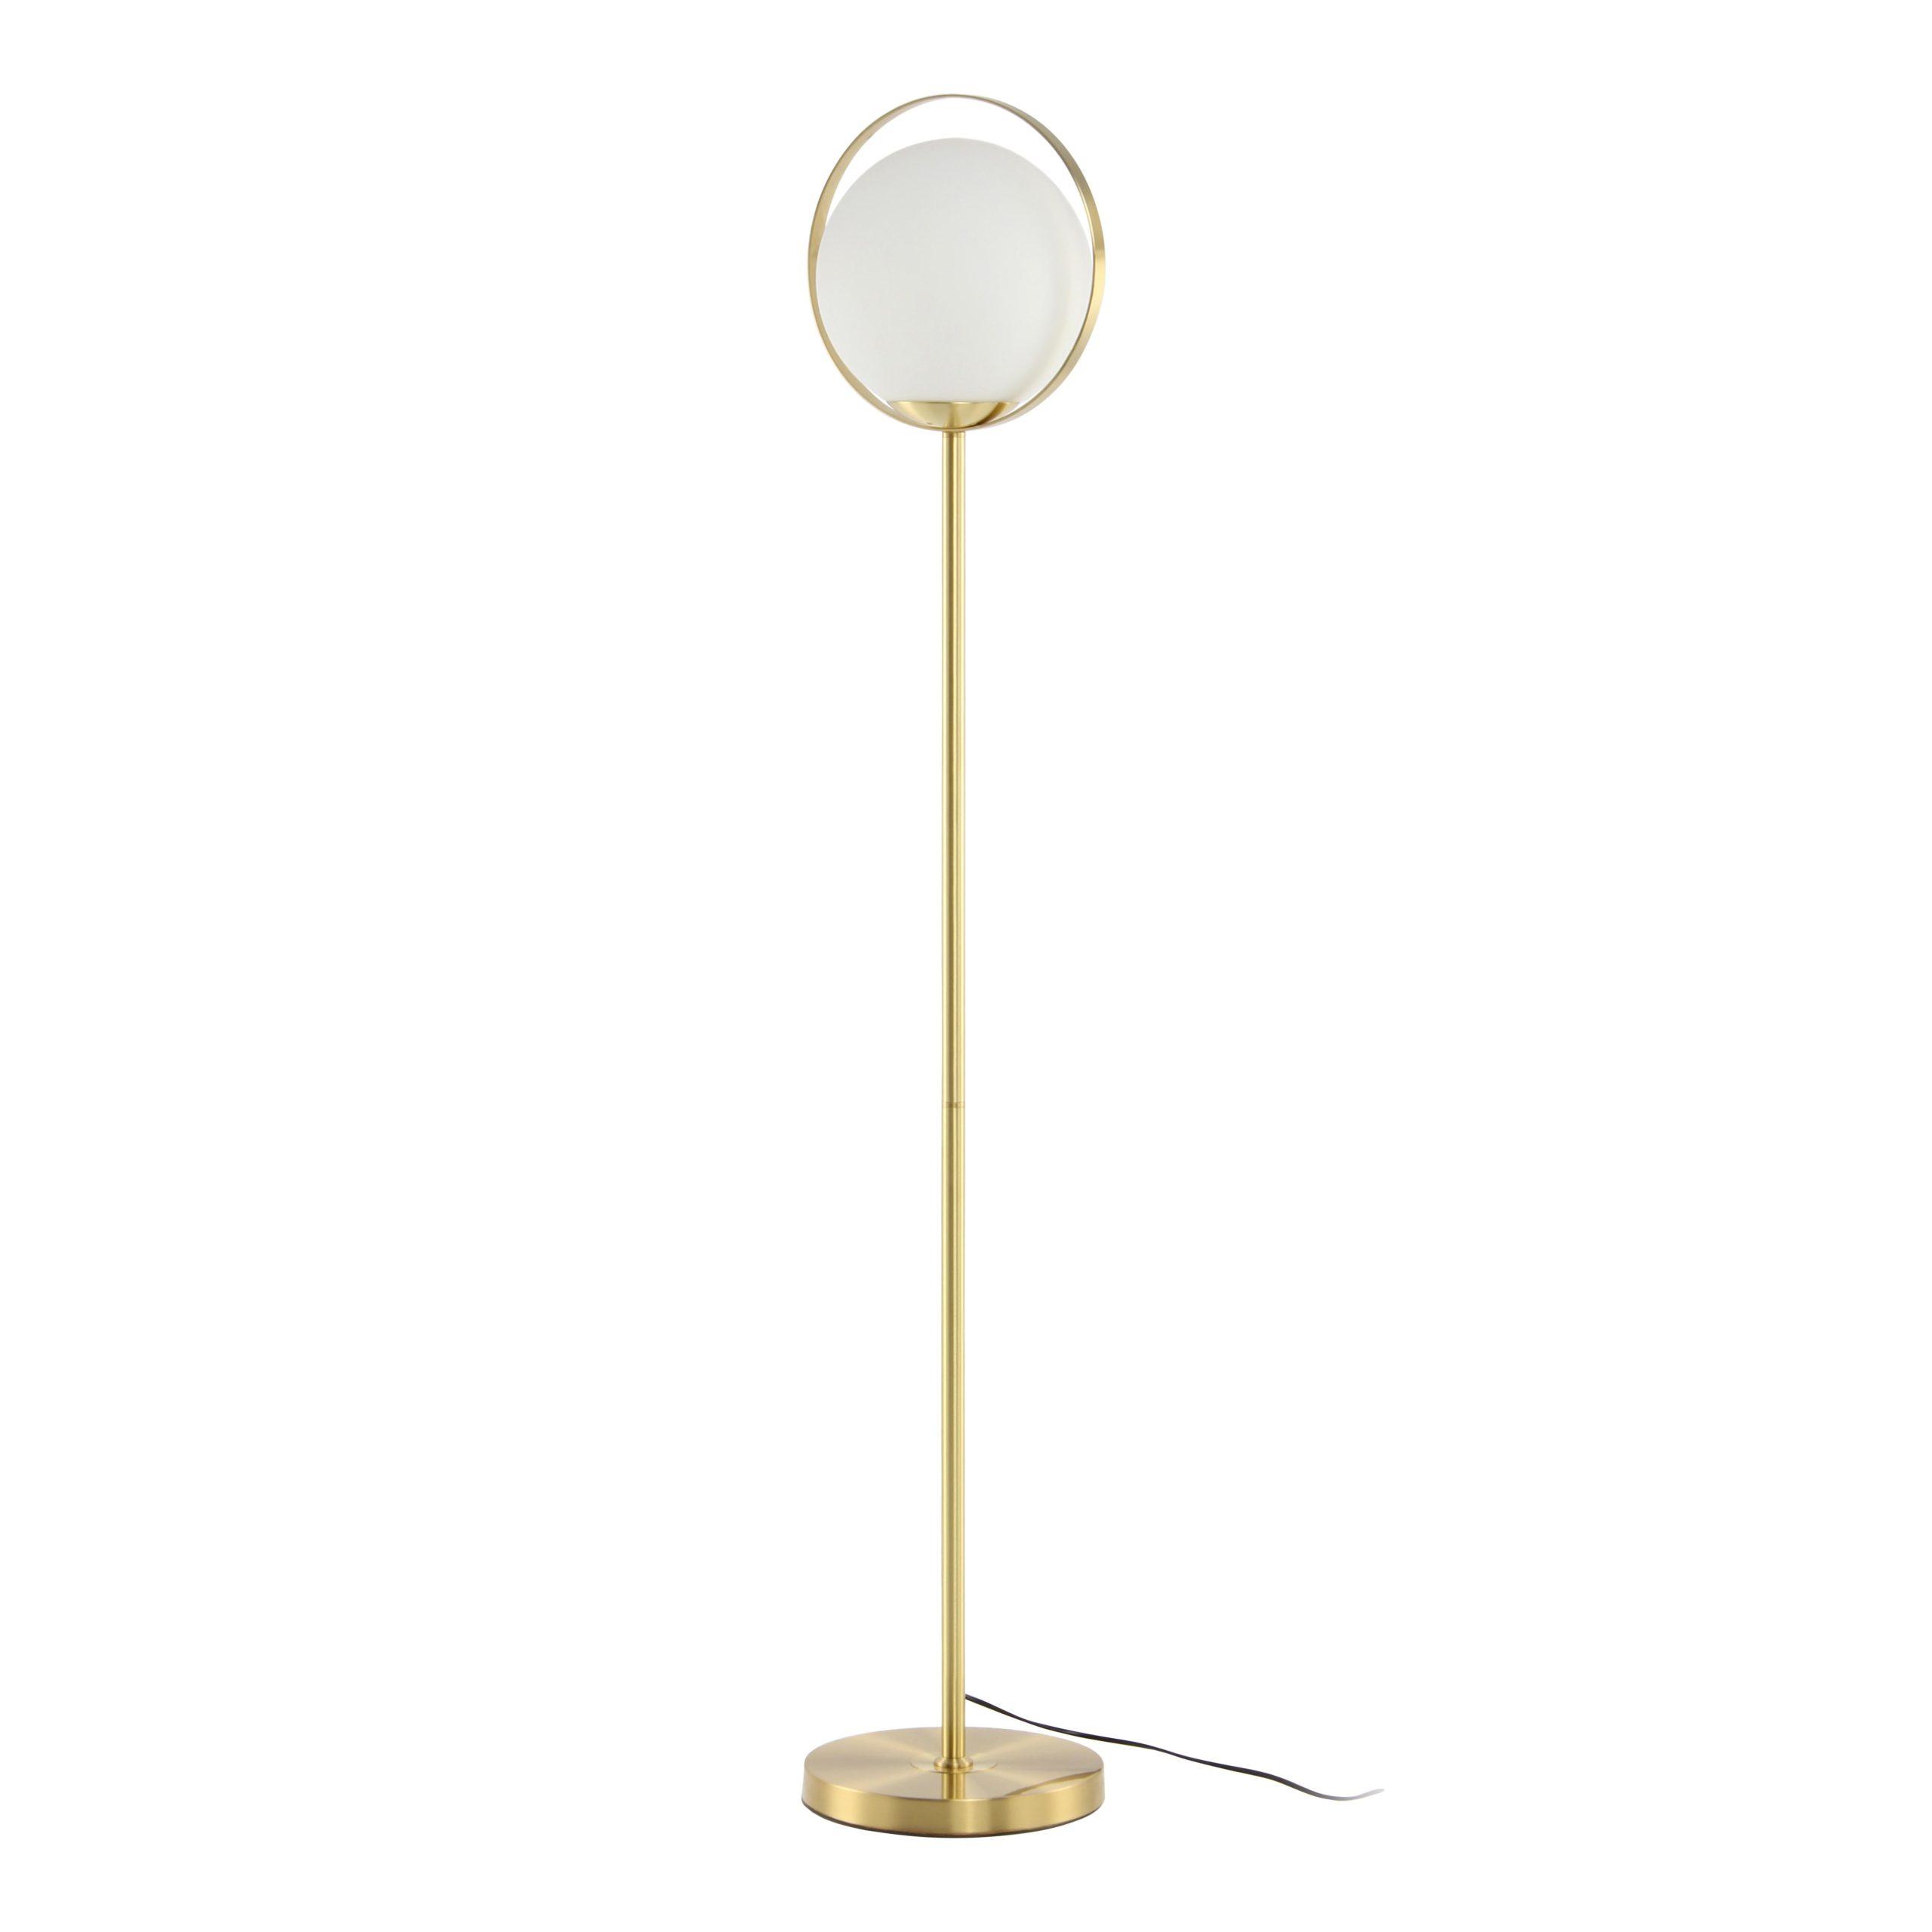 Wonderbaarlijk Gouden staande lamp kopen? | Vloerlampen | kameraankleden.nl KD-22